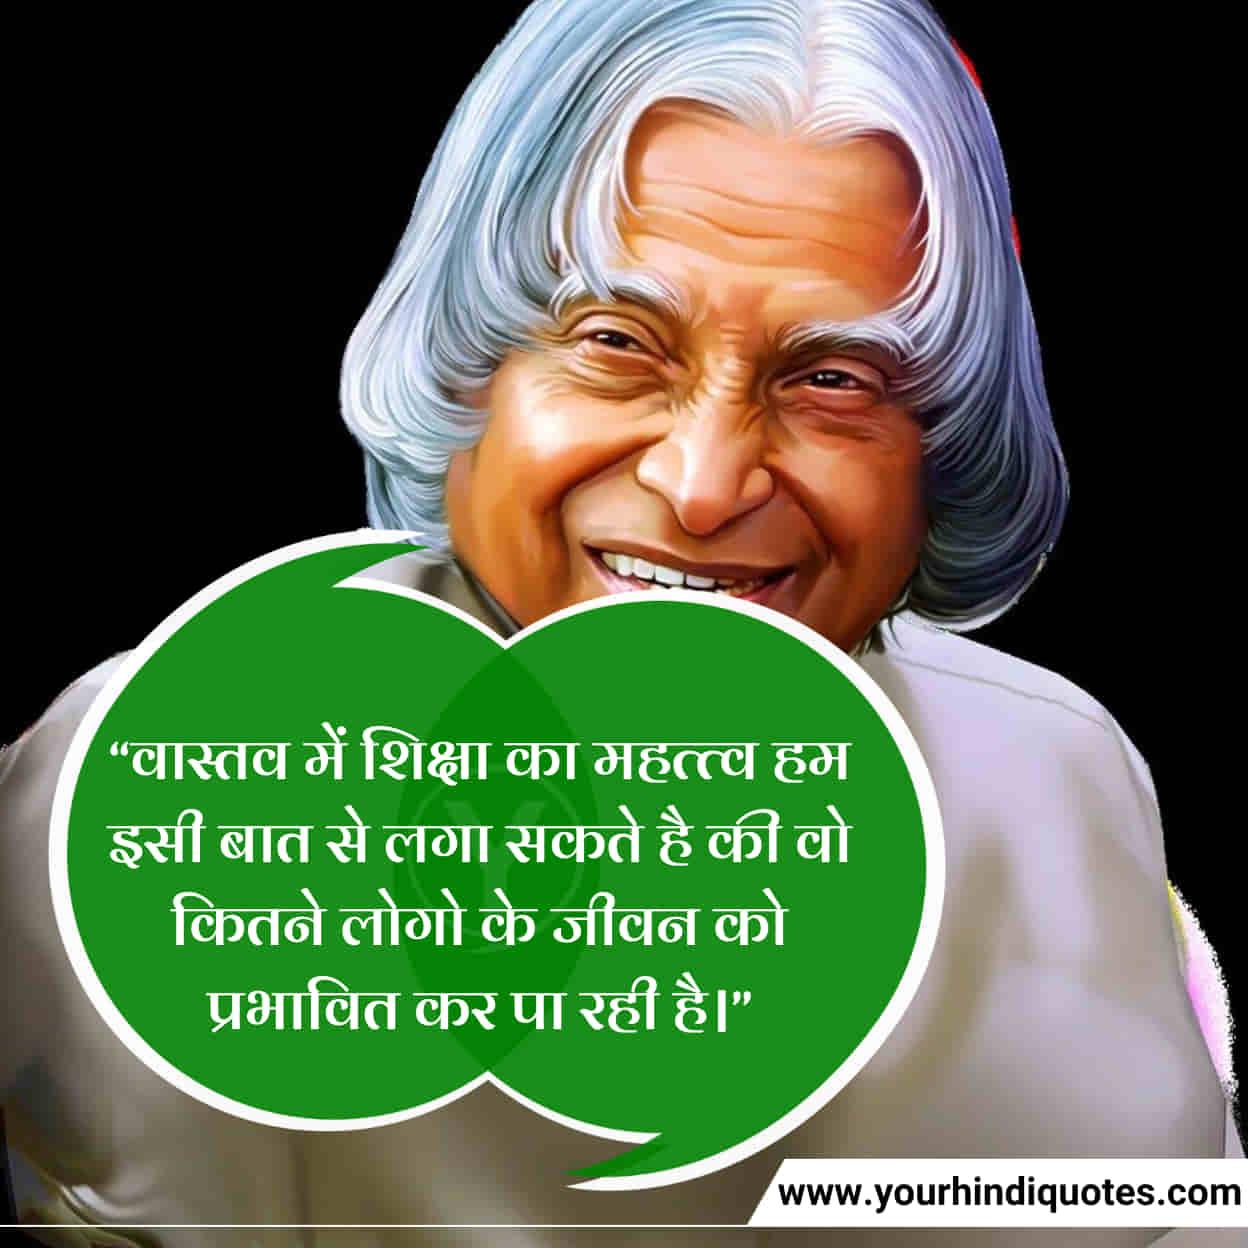 Hindi Success Education Quotes